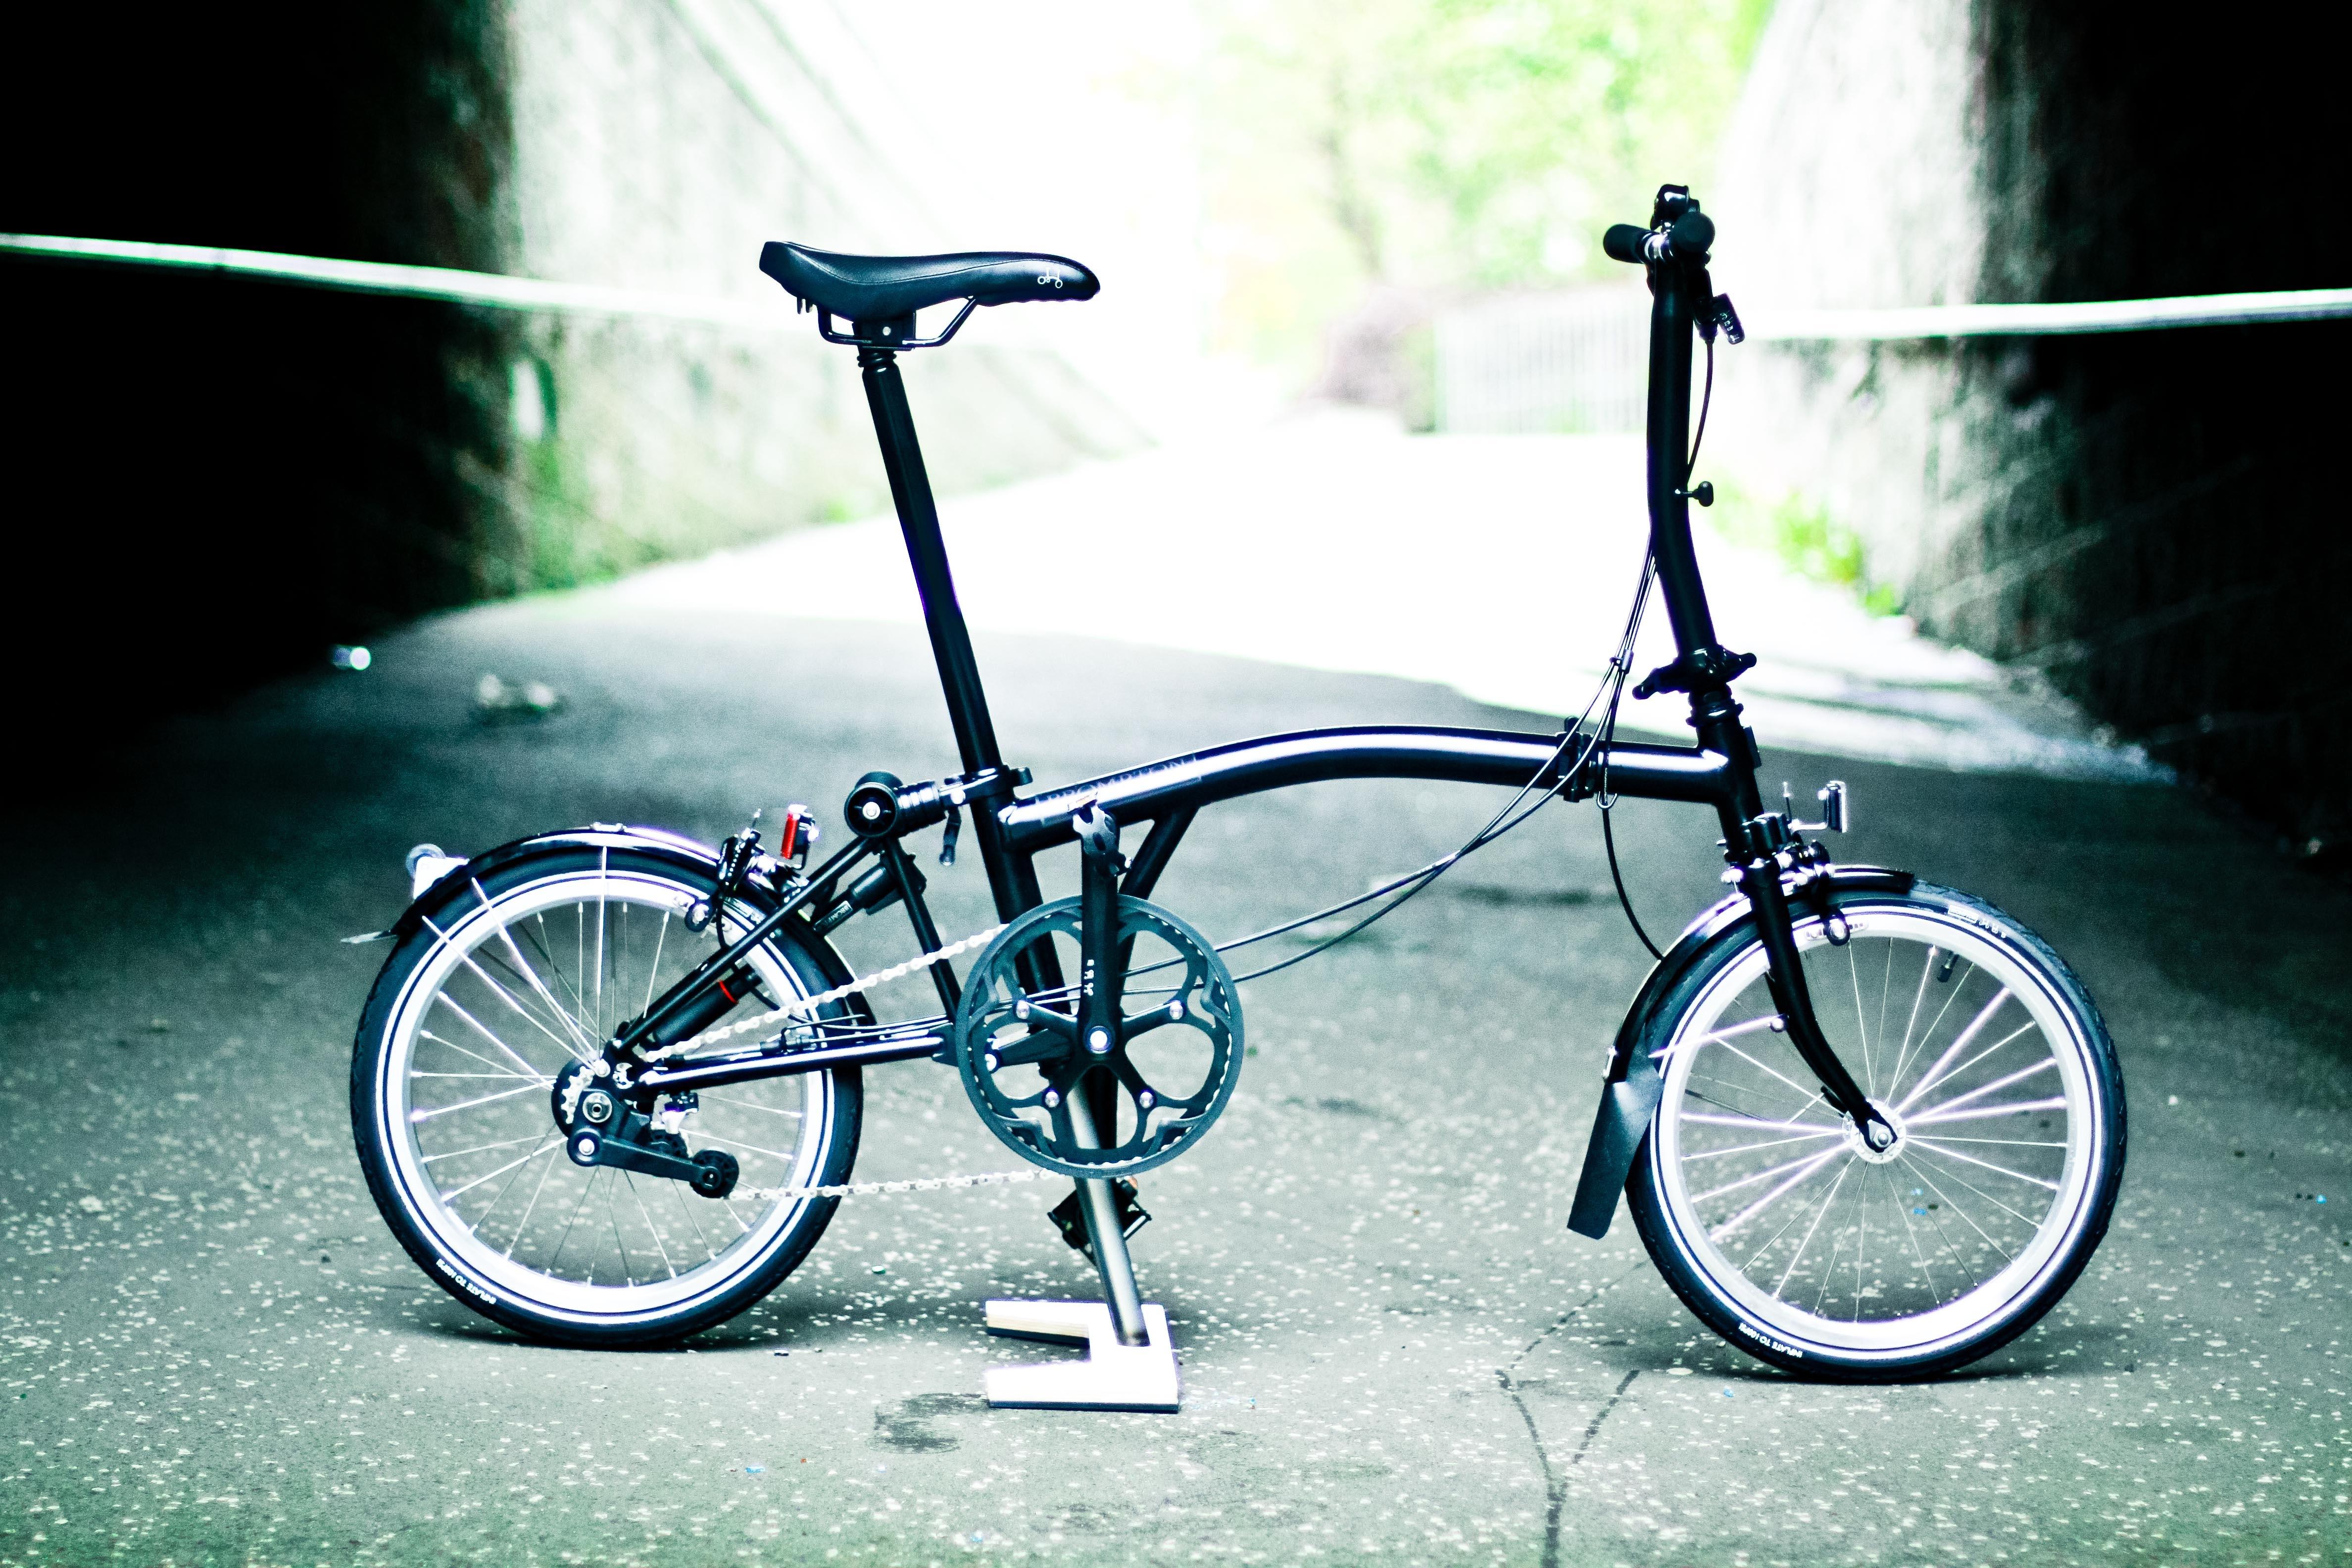 Brompton The Bike – single speed